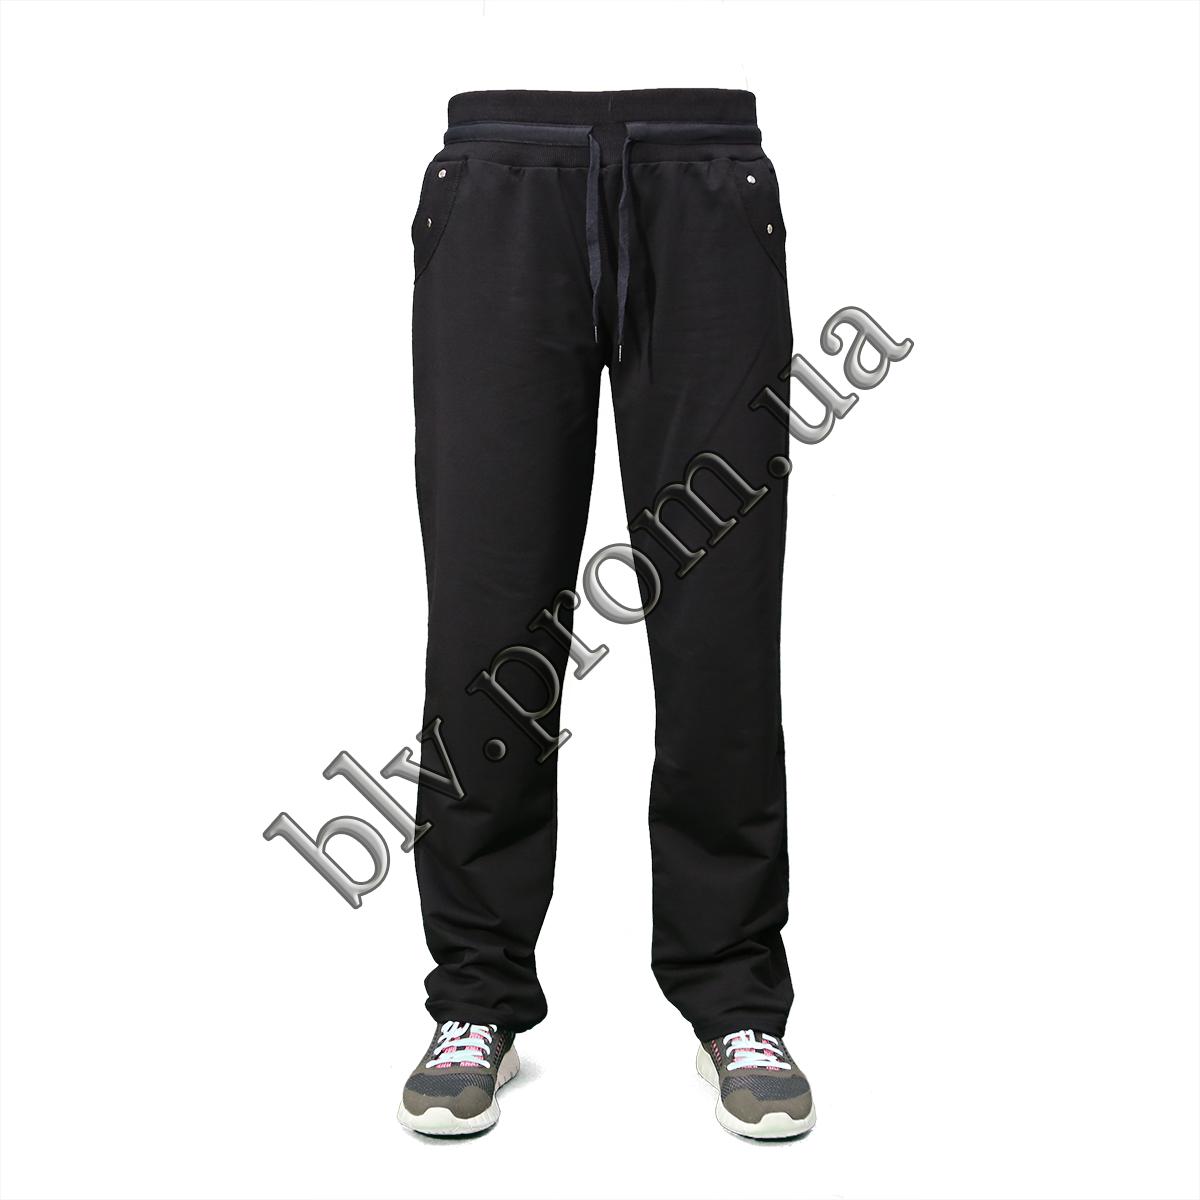 Женские брюки спортивные оптом от производителя пр-во Турция KD764 Dark blue